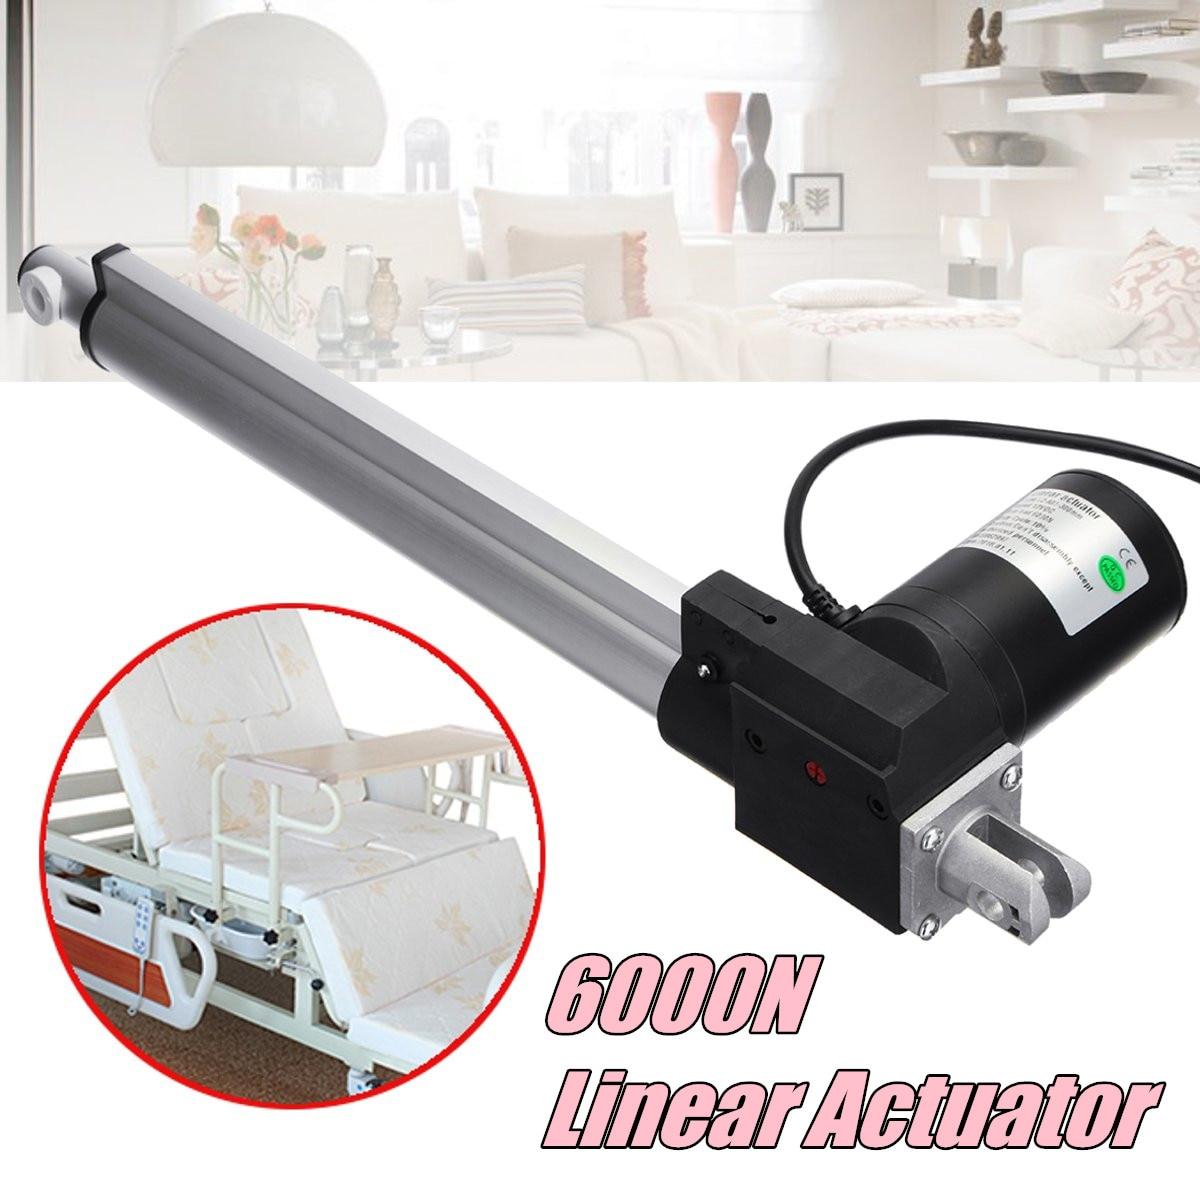 Actionneur linéaire Tubulaire Moteur DC12V 300mm/12 pouce Course Robuste 6000N charge linéaire électrique actionneur linéaire tubulaire moteur